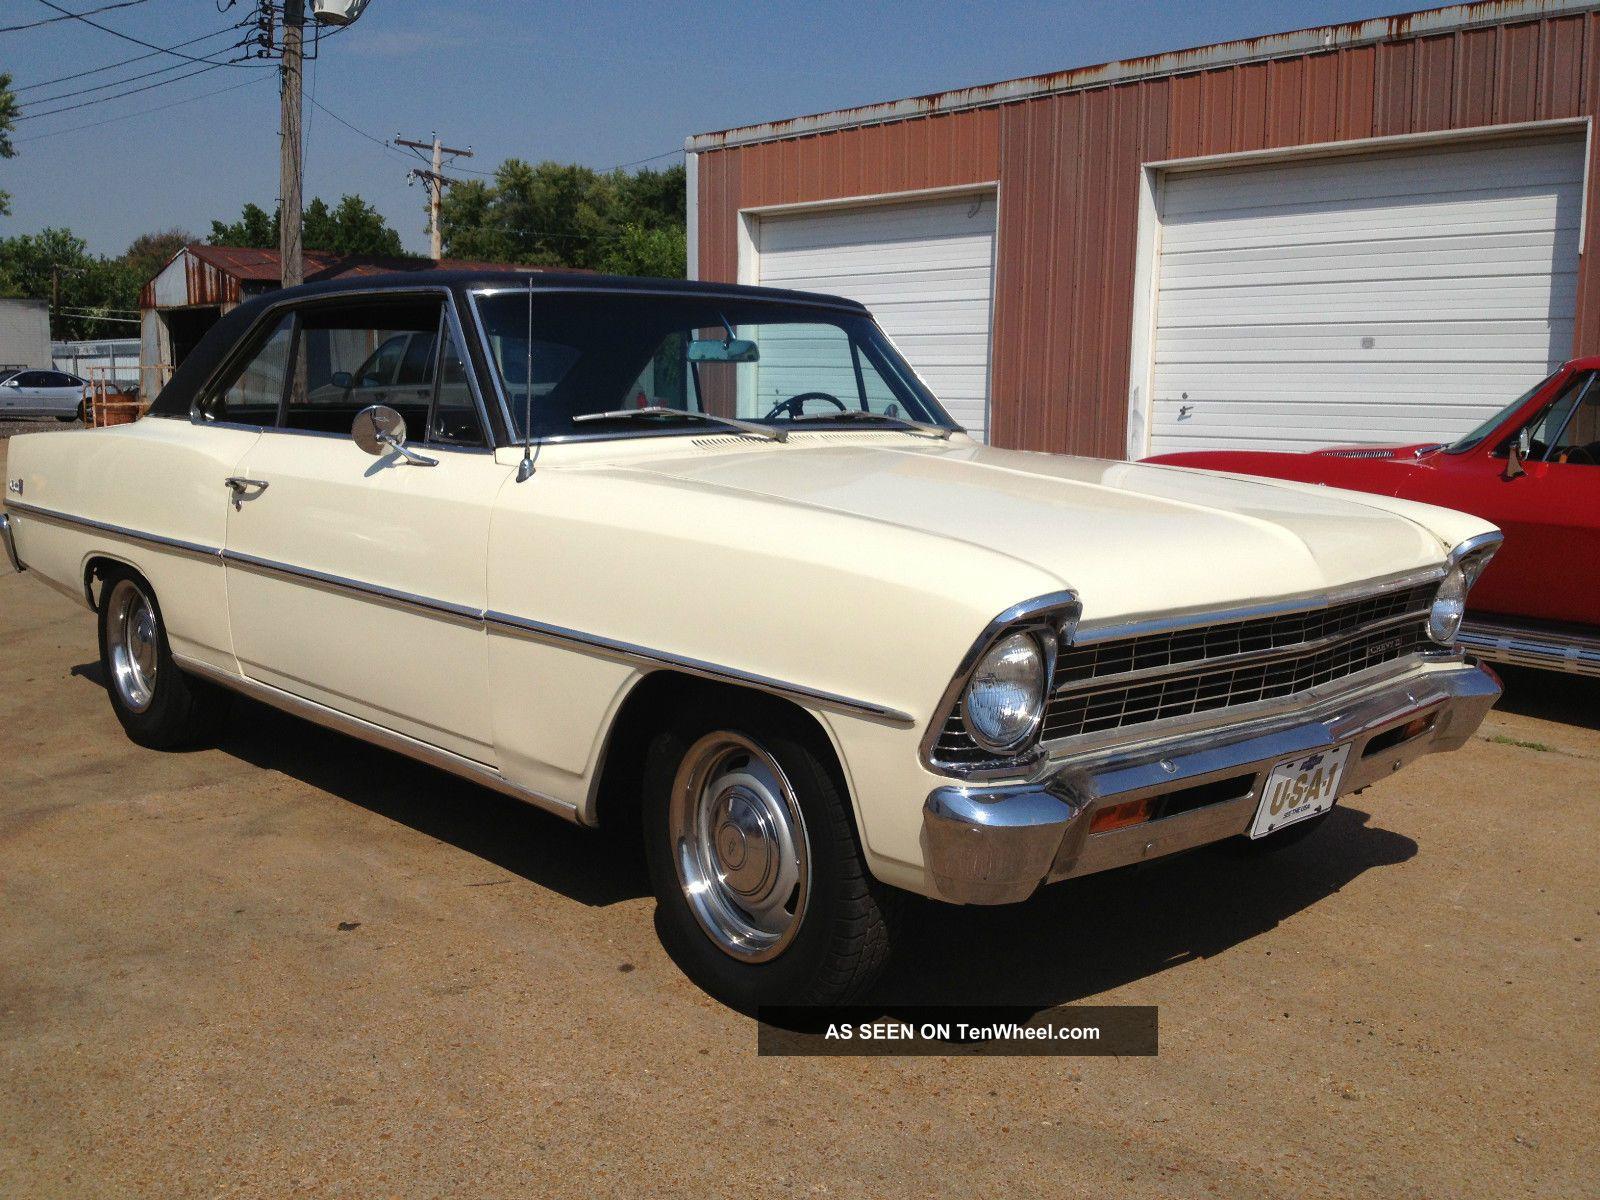 1967 Chevrolet Chevy Nova Ii 2 Sports Coupe Nova photo